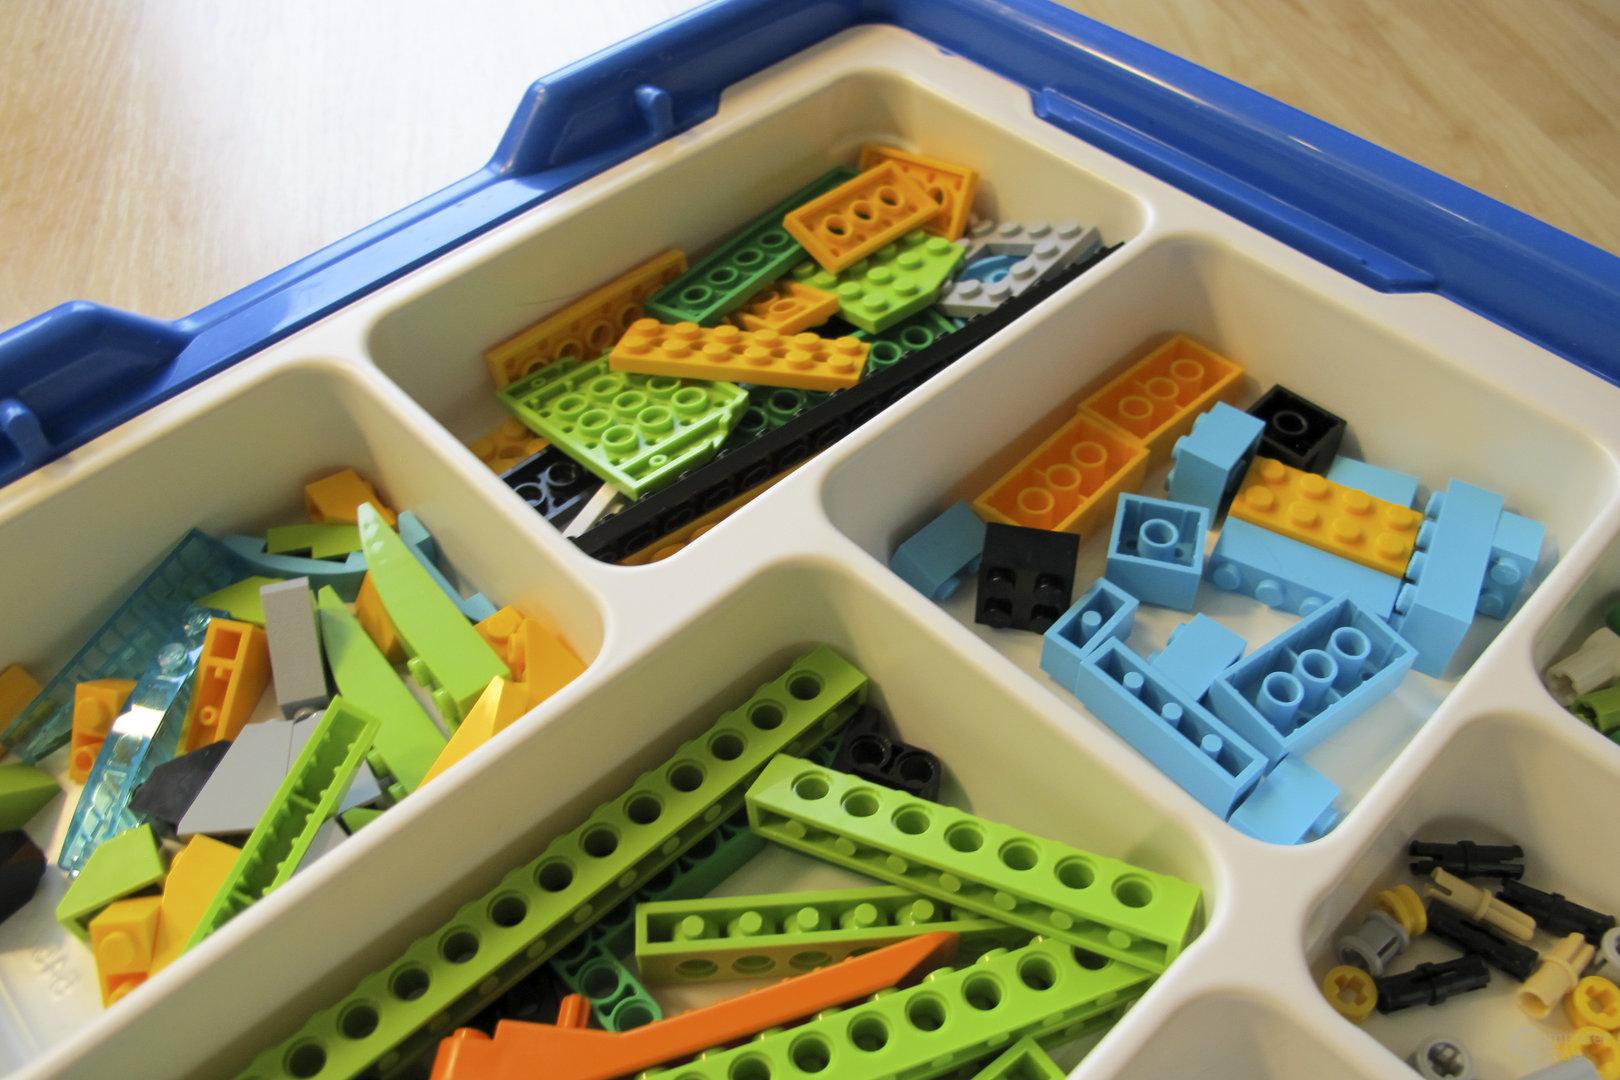 Lego WeDo 2.0 – Kiste mit Sortiereinlage